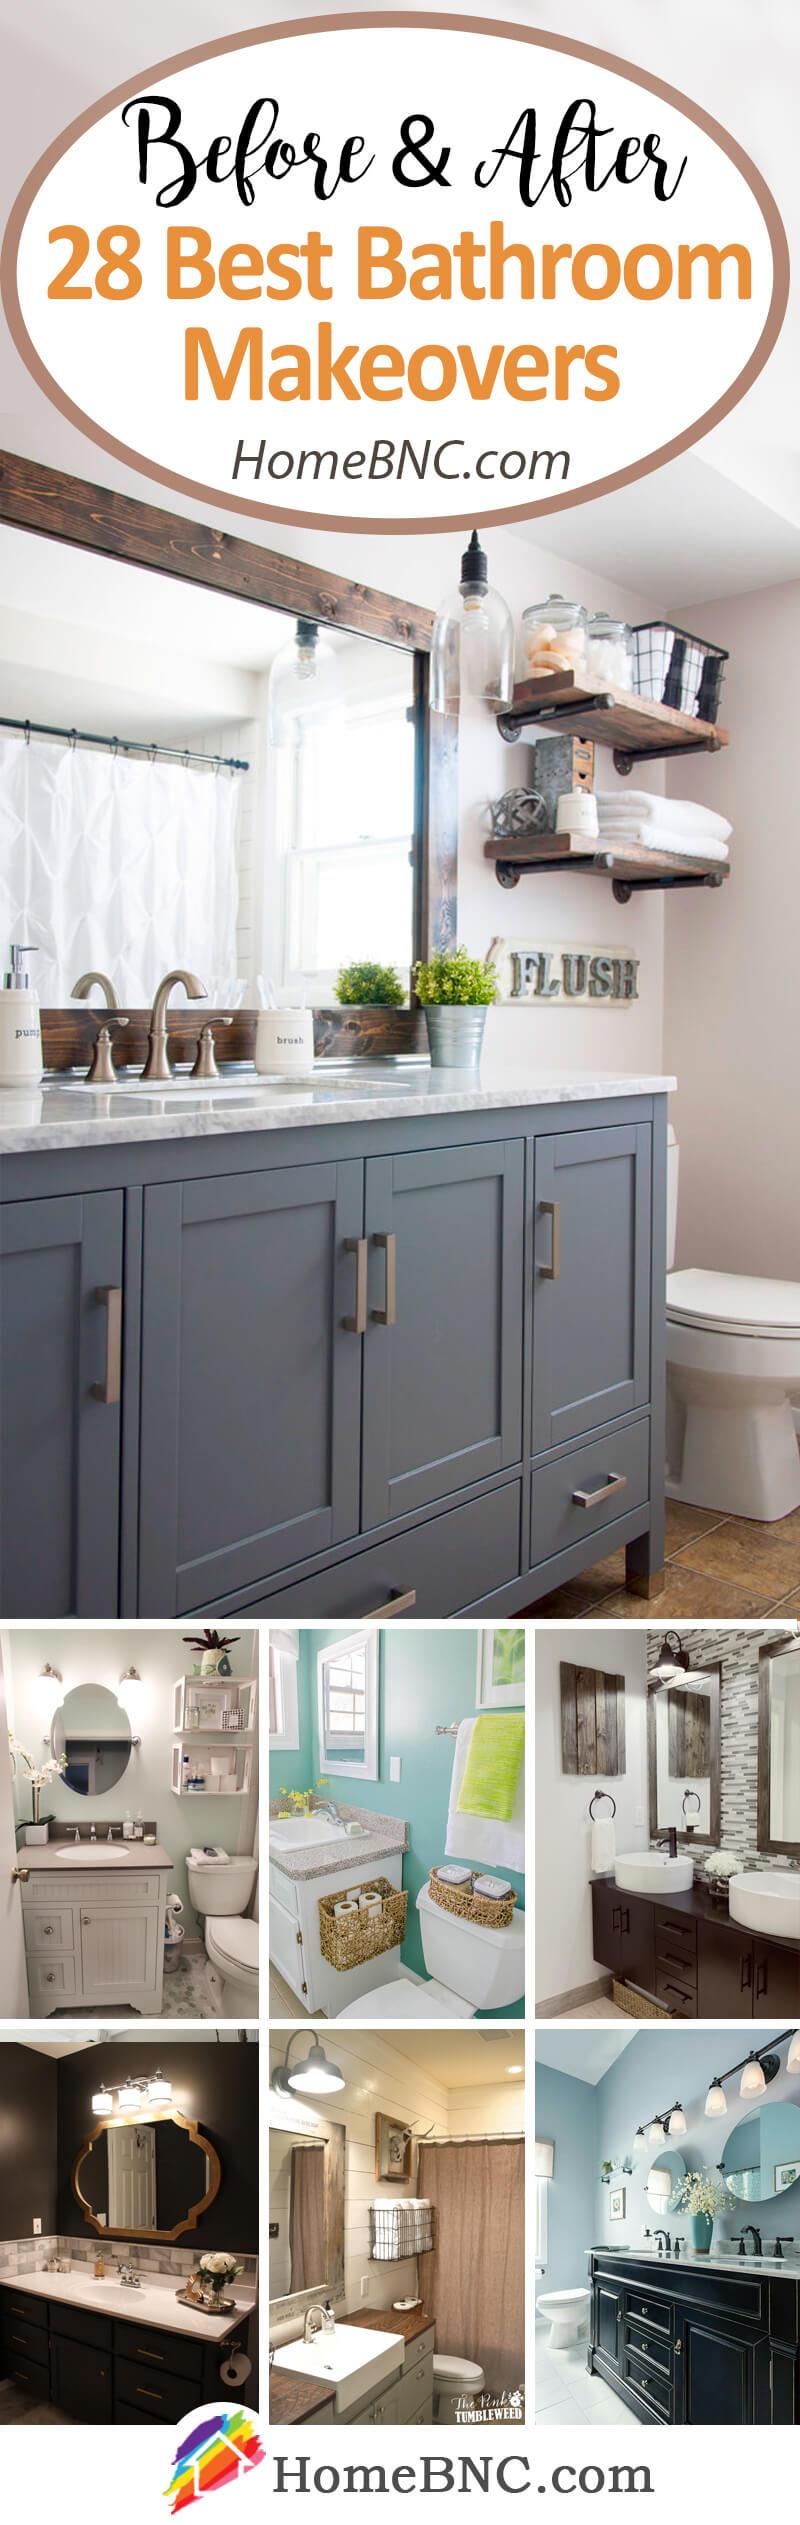 Budget Friendly Bathroom Makeover Decor Ideas